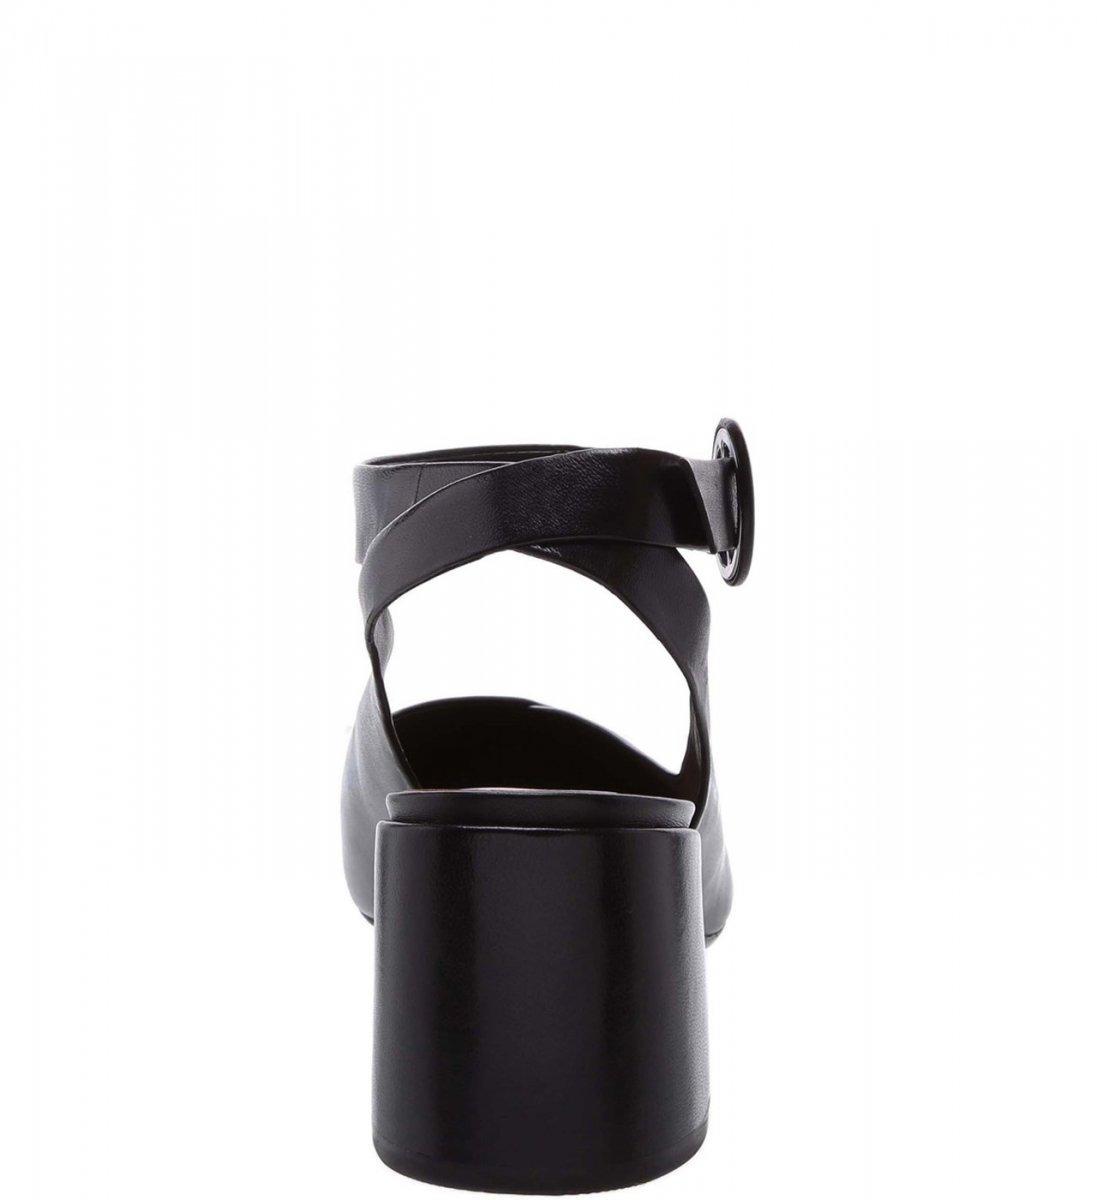 46a36685c Scarpin Arezzo Salto Grosso Chanel De Couro - R$ 269,90 em Mercado Livre